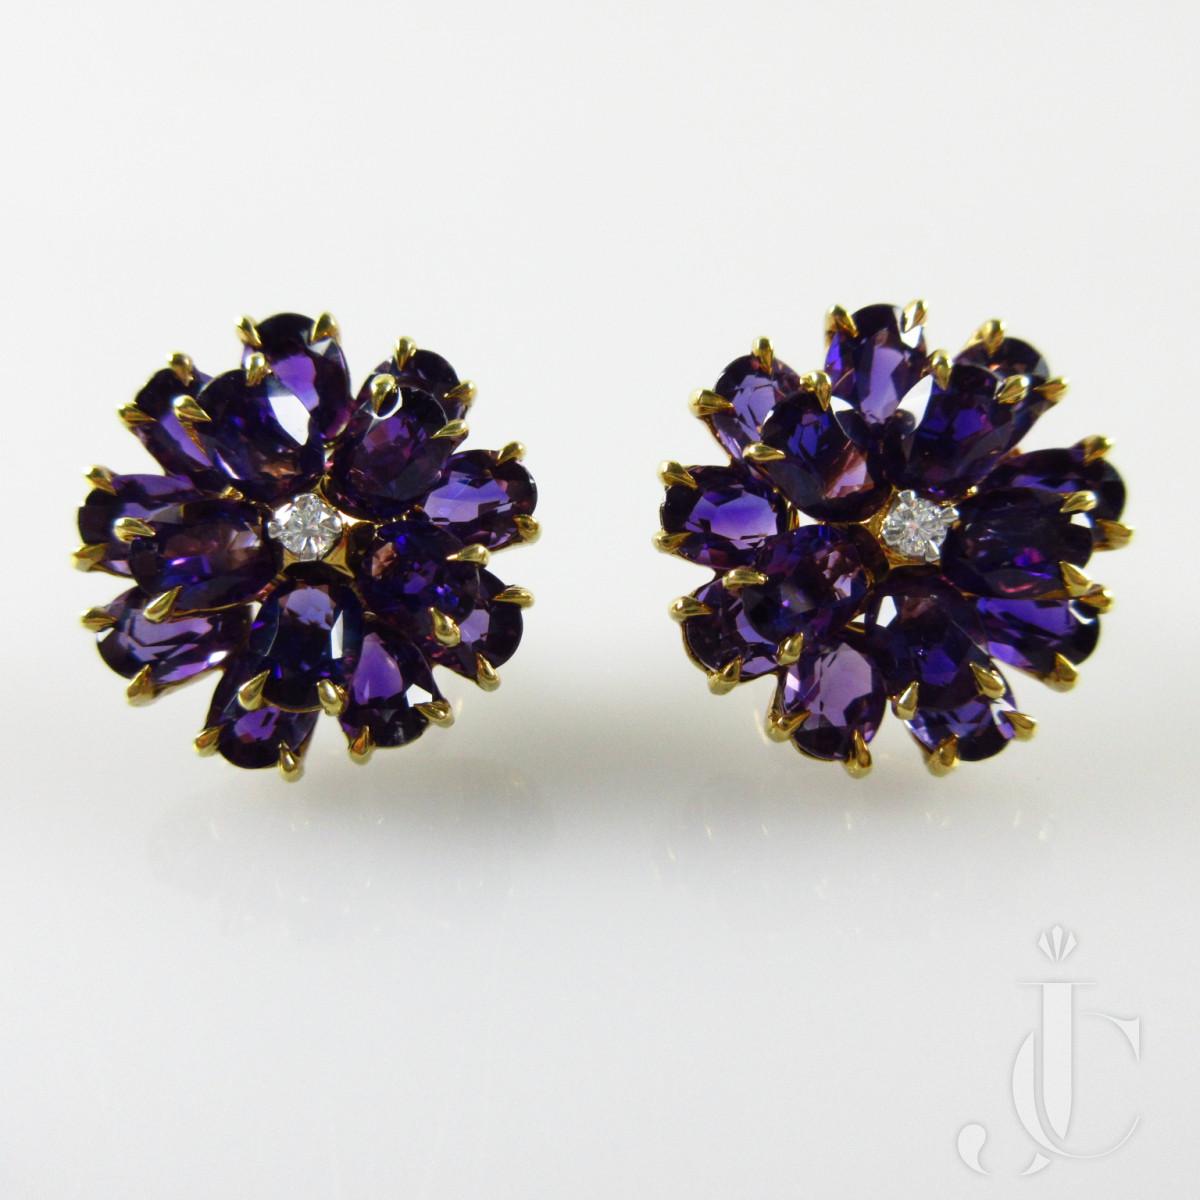 Tiffany & Co Amethyst Earrings